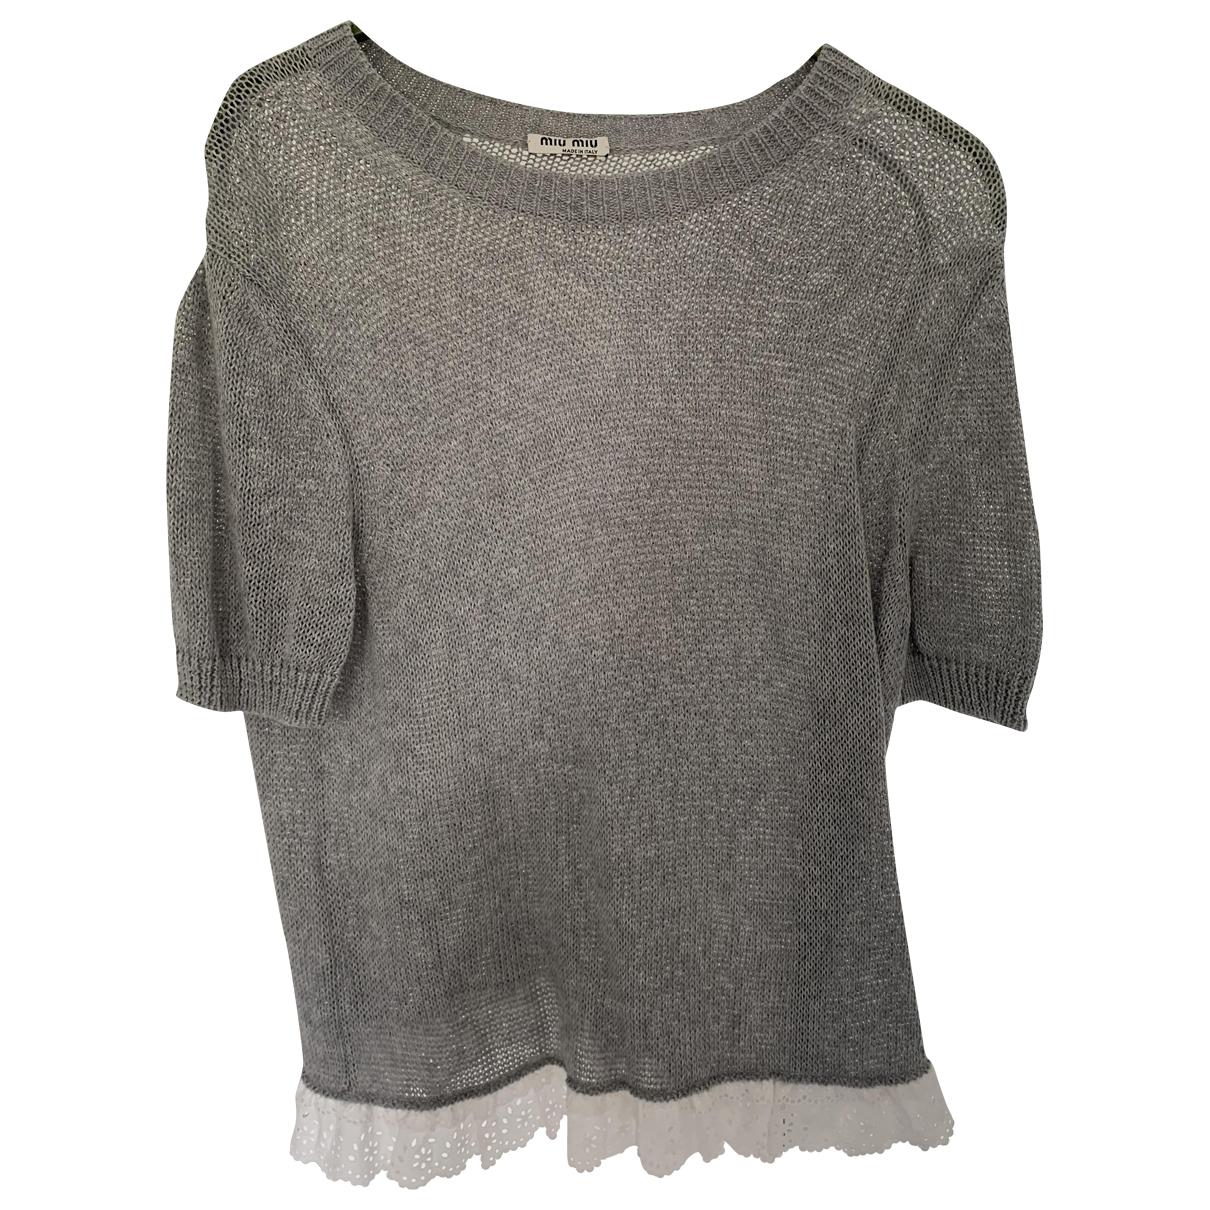 Miu Miu \N Grey Cotton  top for Women 38 IT